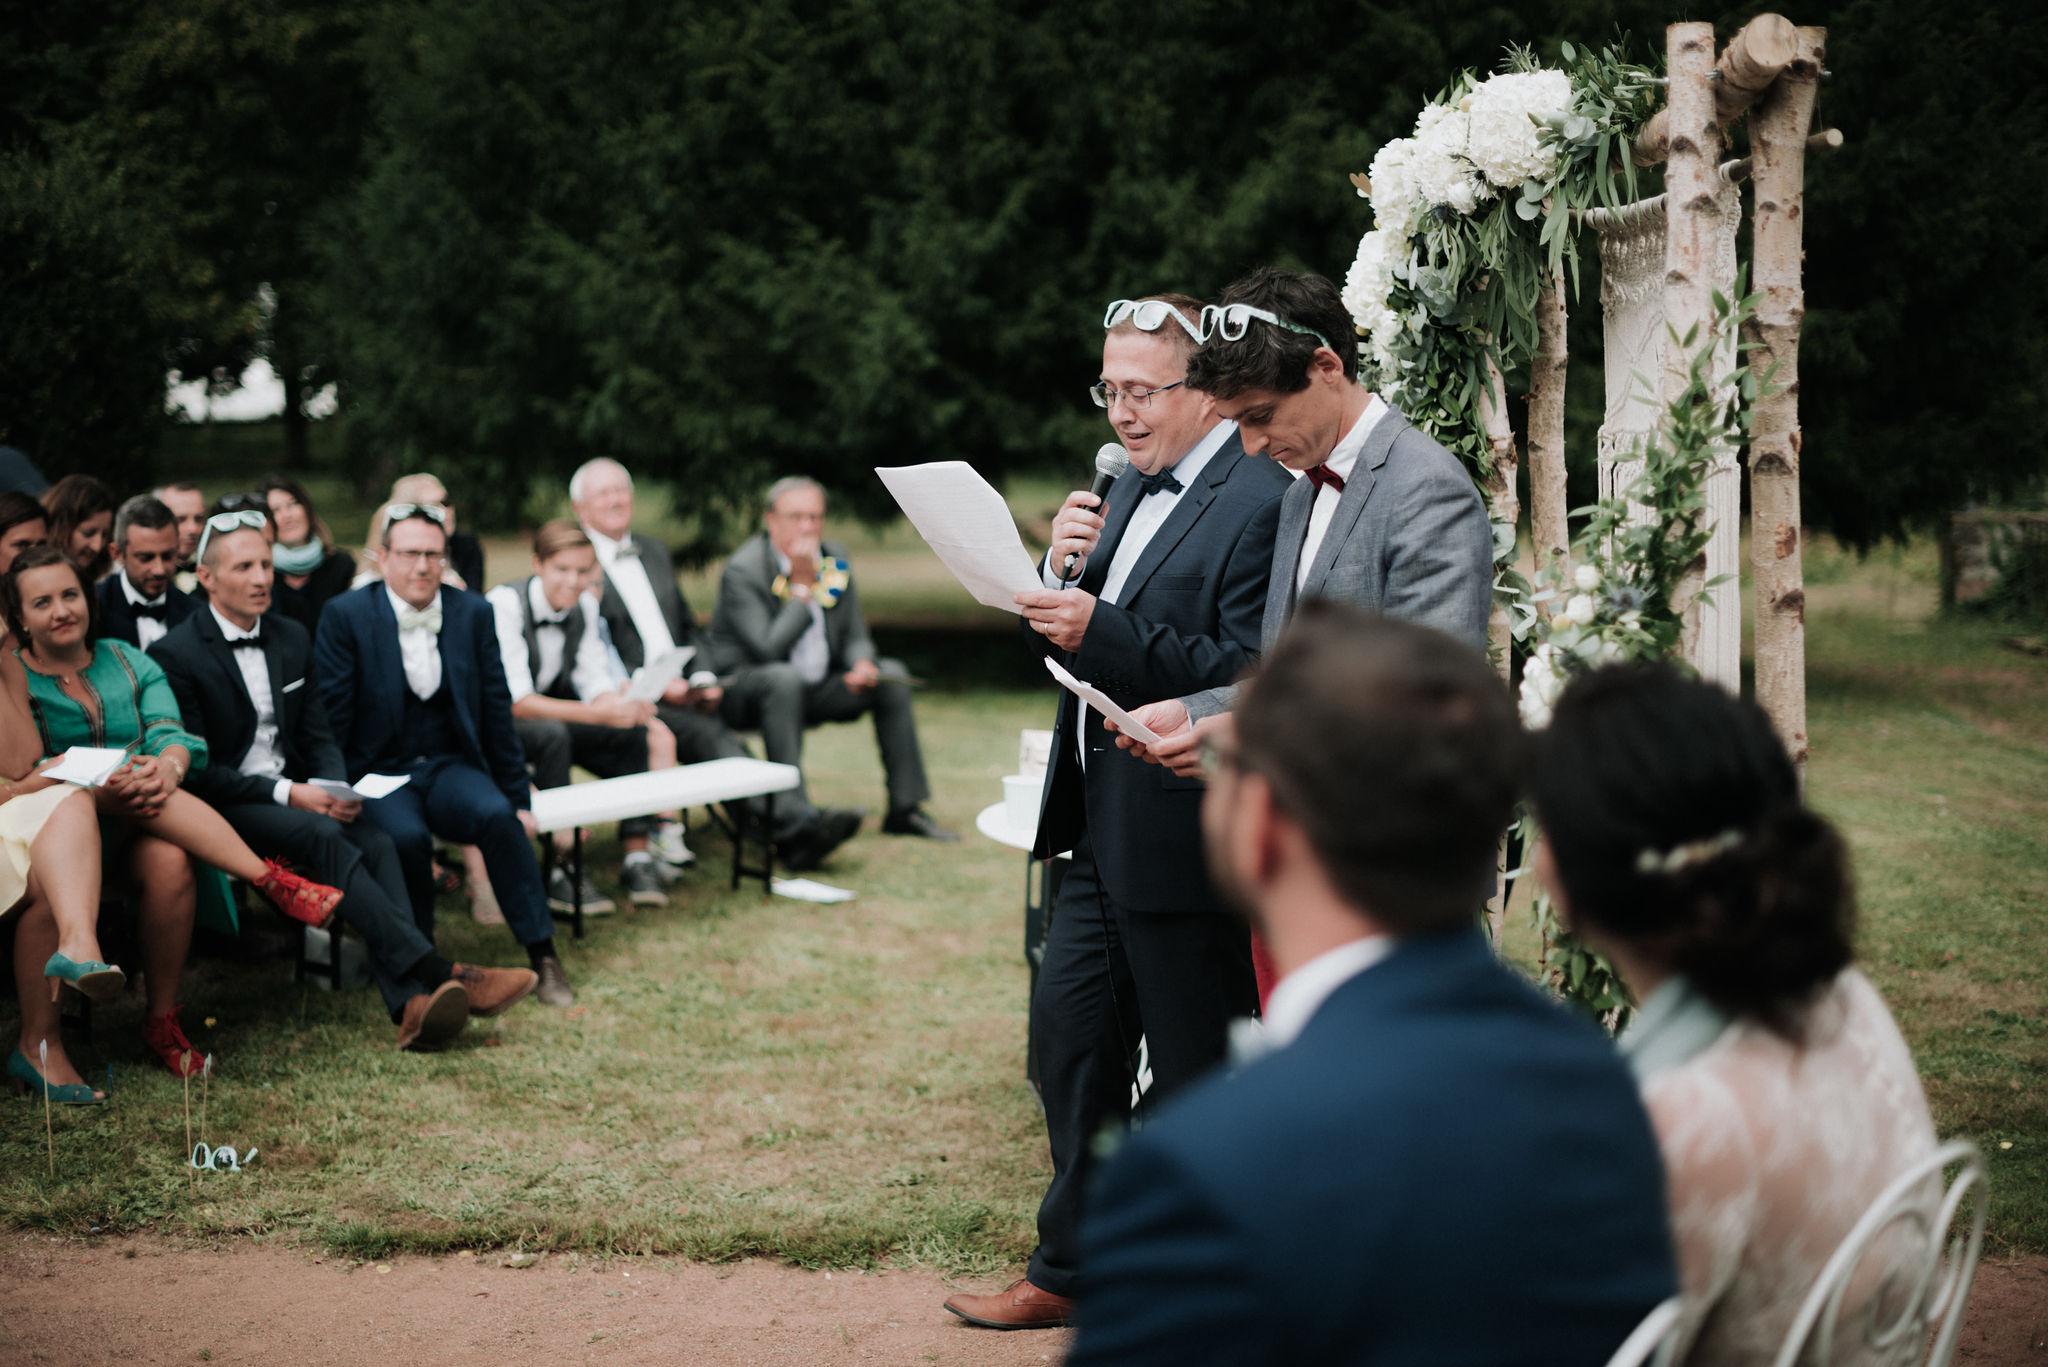 Léa-Fery-photographe-professionnel-lyon-rhone-alpes-portrait-creation-mariage-evenement-evenementiel-famille-7085.jpg